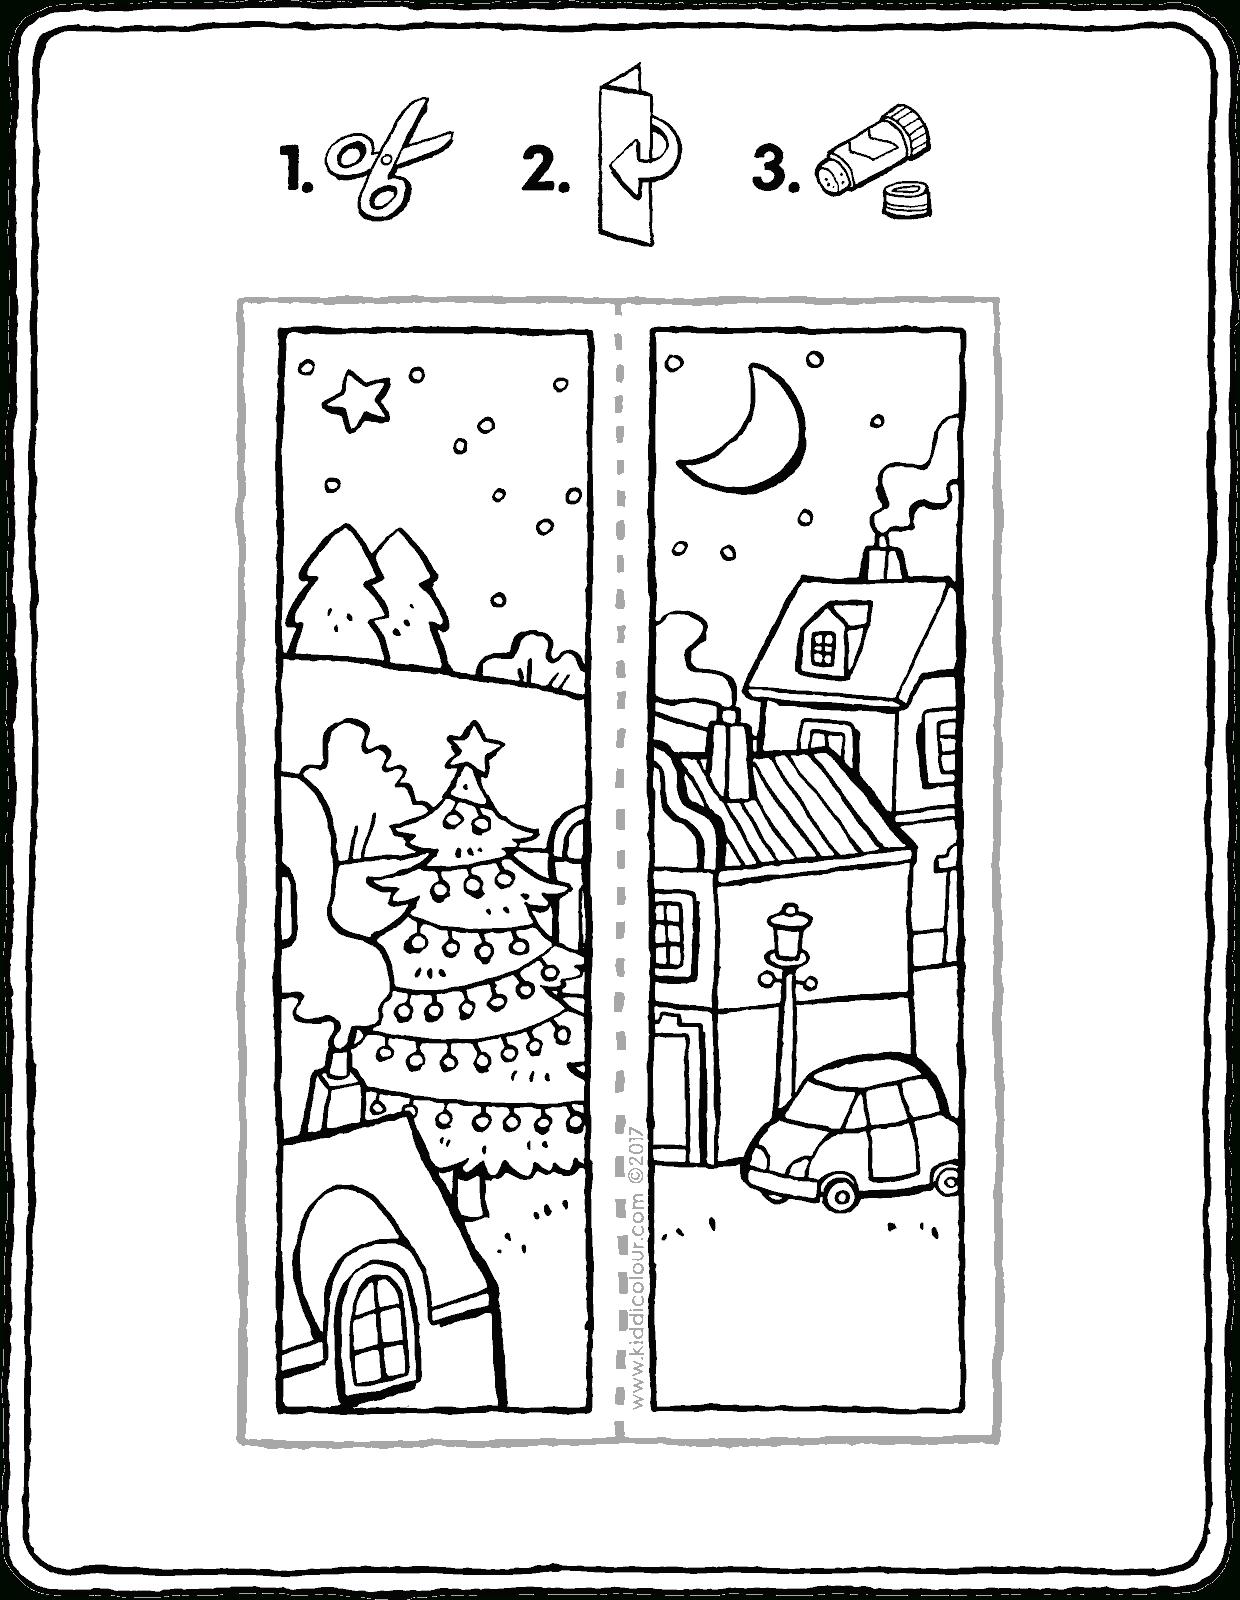 Lesezeichen Weihnachten - Kiddimalseite innen Weihnachten Ausmalbilder